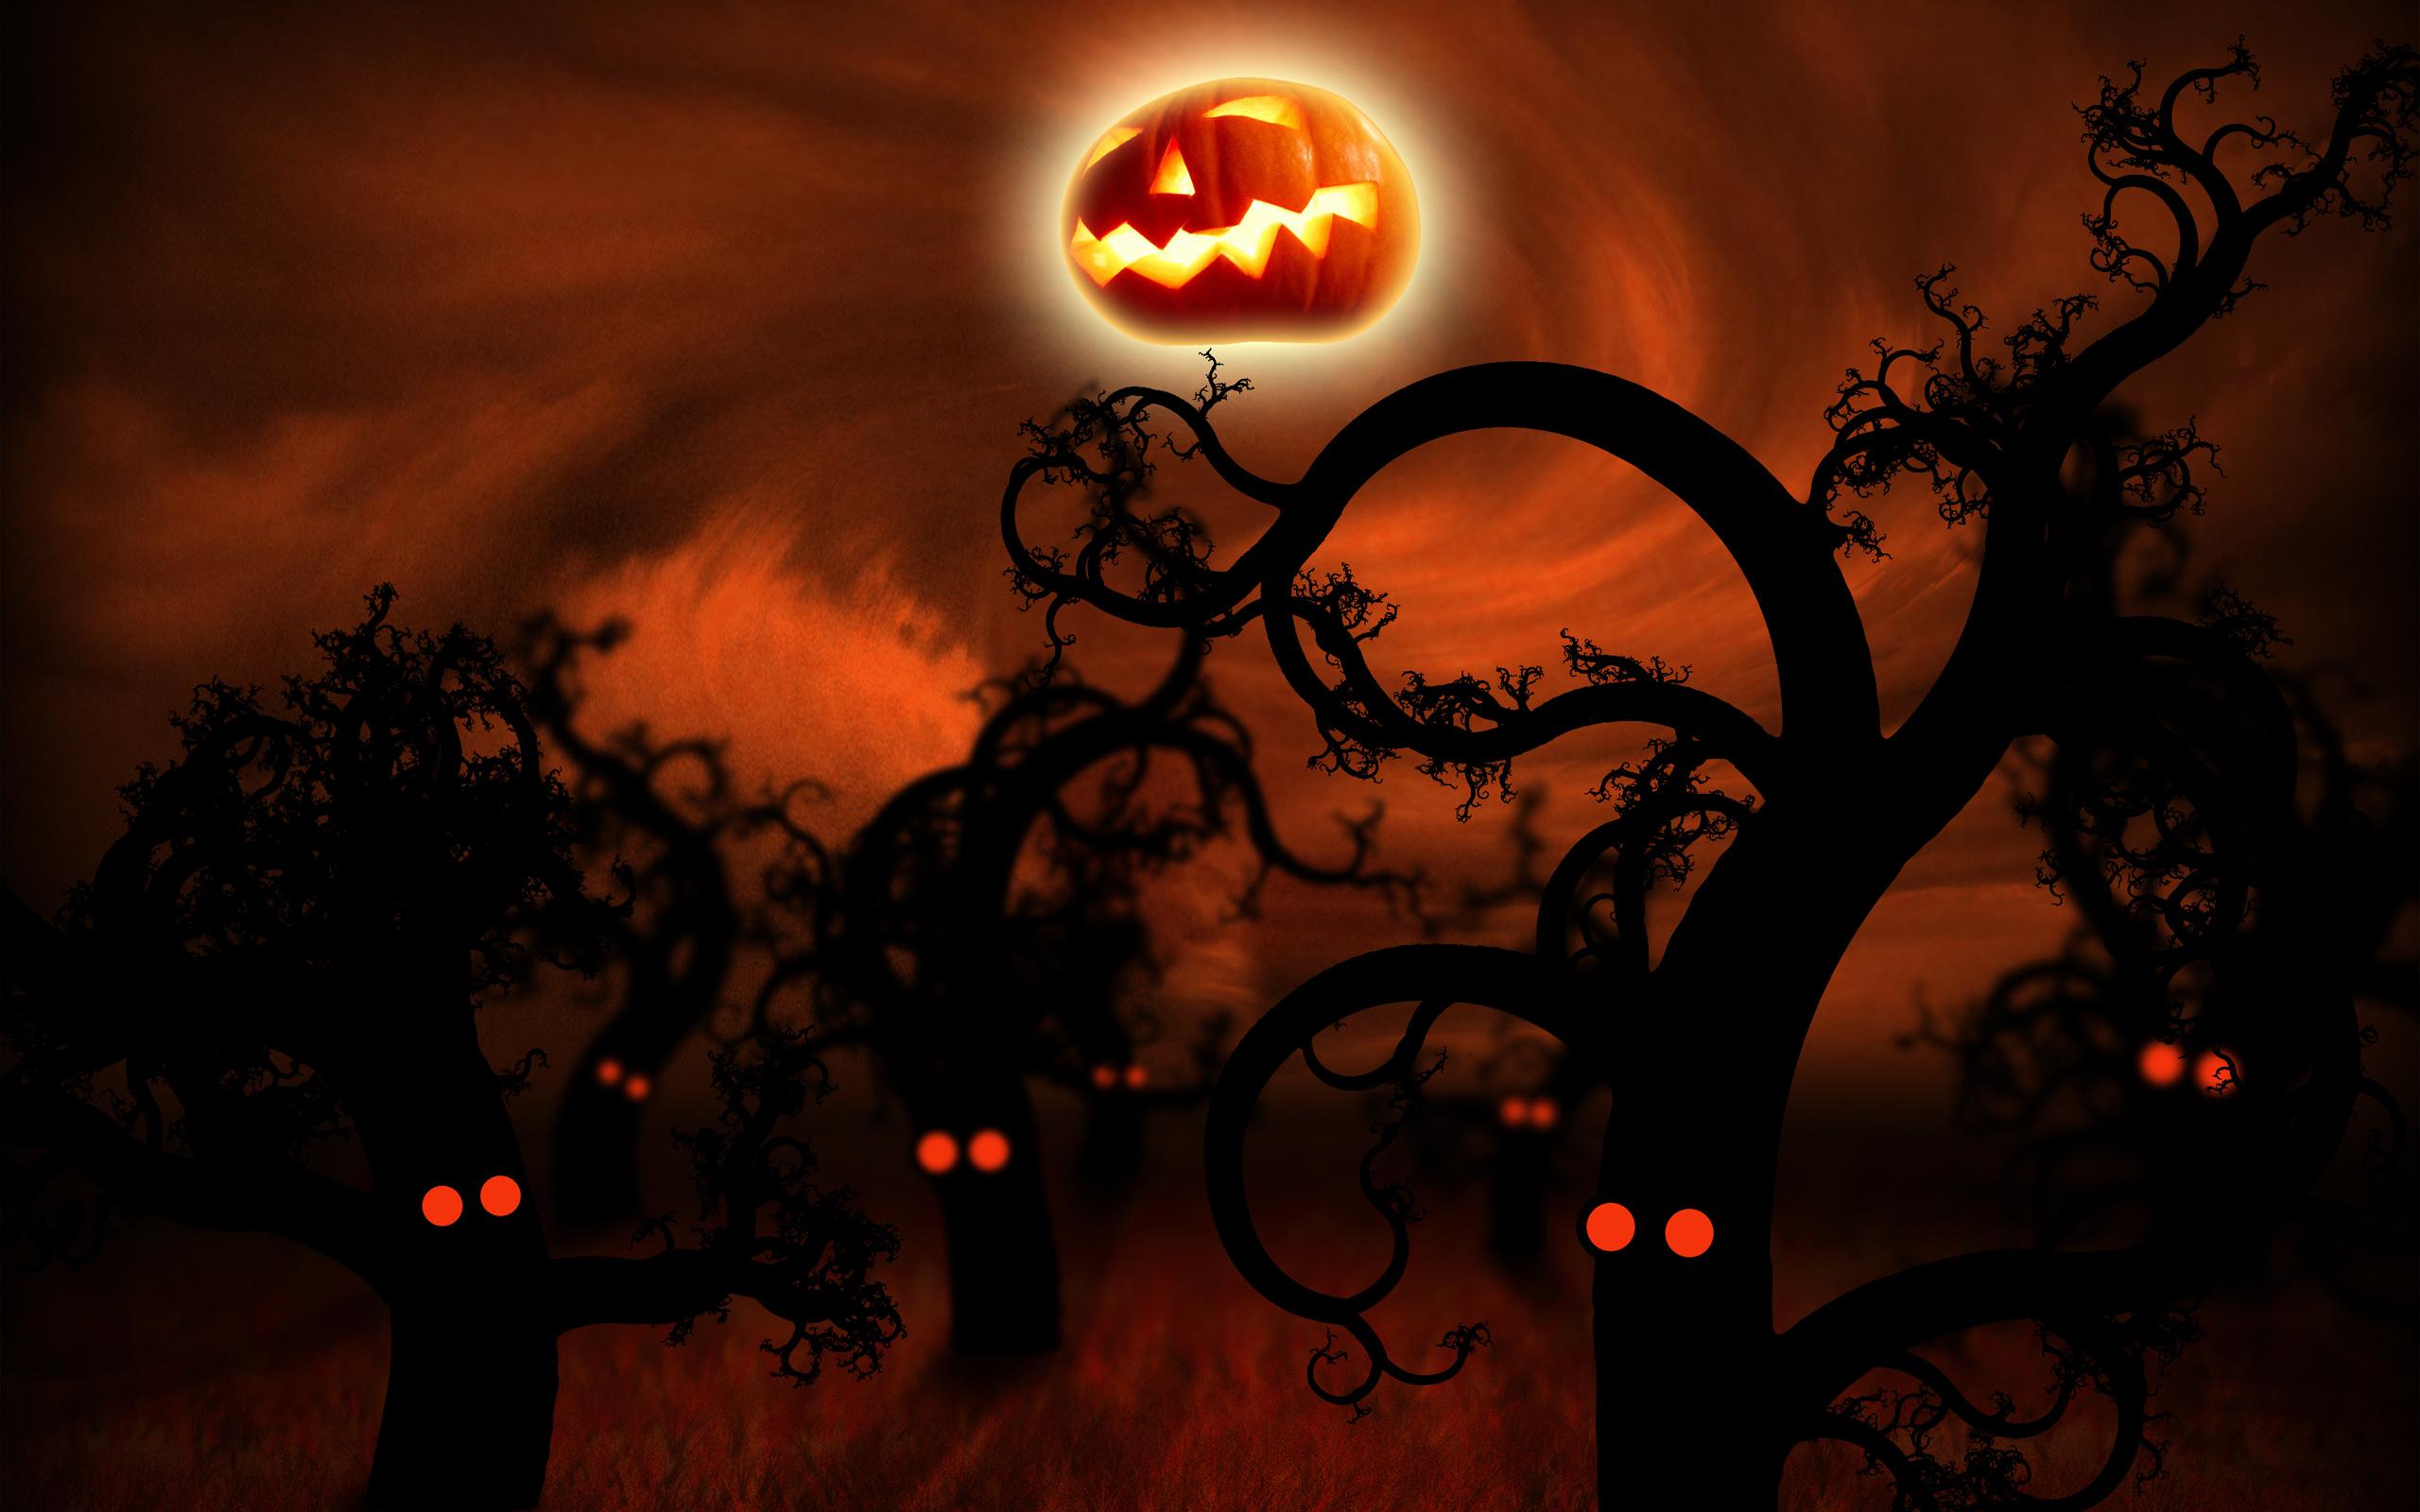 halloween desktop wallpapers #21